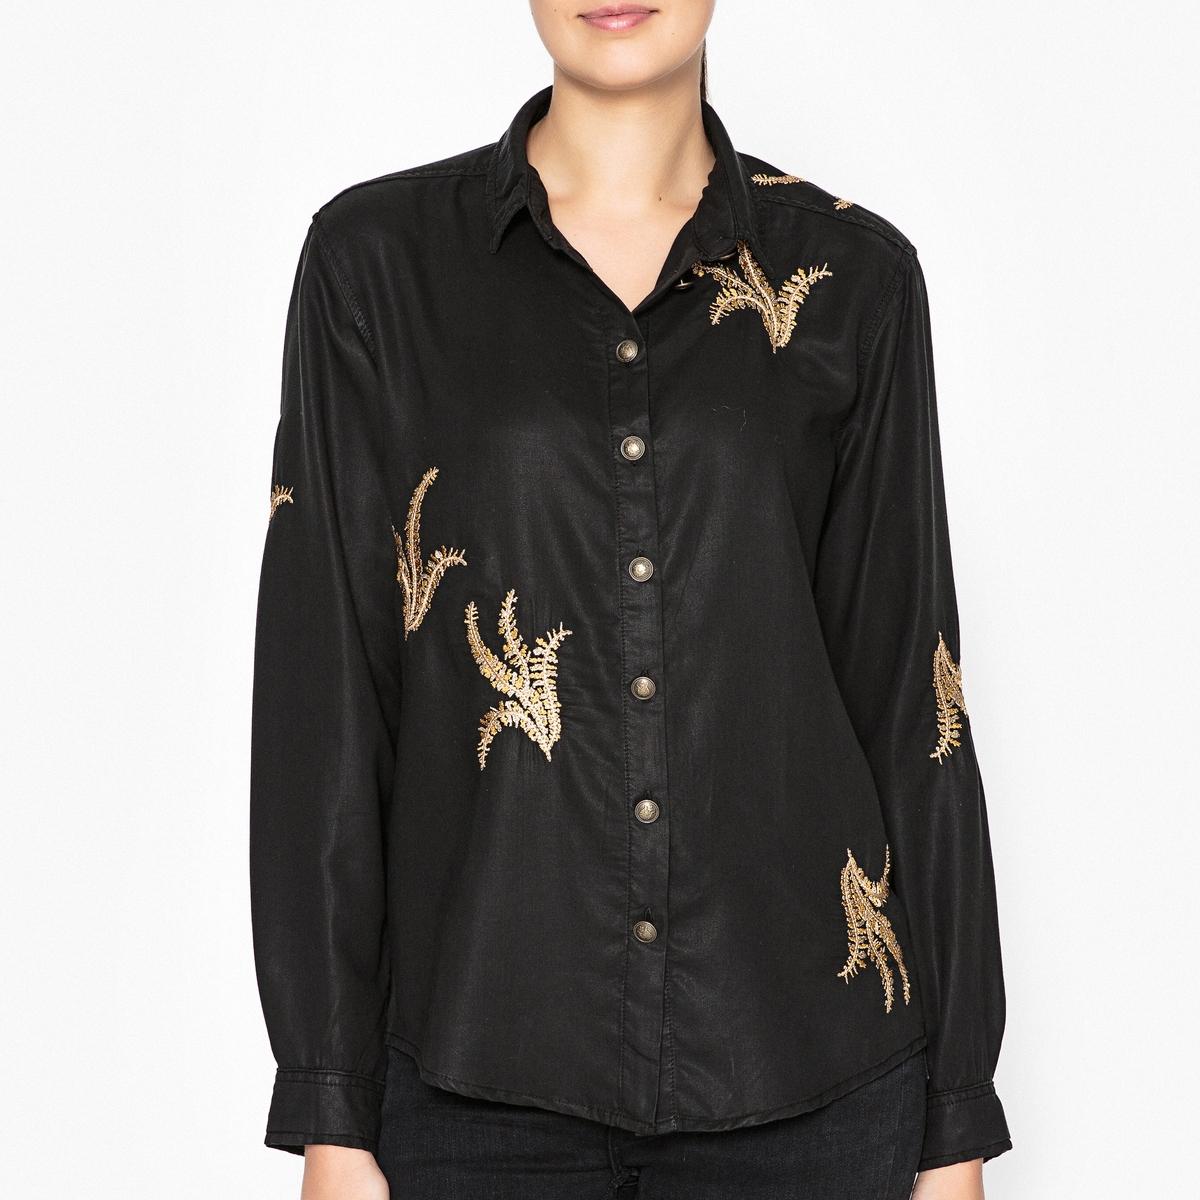 Рубашка с вышивкой JAMESРубашка с длинными рукавами THE KOOPLES - модель JAMES с контрастной вышивкой золотистого цвета.Детали   •  Длинные рукава  •  Прямой покрой  •  Воротник-поло, рубашечный Состав и уход   •  100% лиоцелл  •  Следуйте советам по уходу, указанным на этикетке •  Пуговицы металлизированные контрастные в виде кнопок  •  Воротник классический со свободными краями •  Манжеты на пуговицах<br><br>Цвет: черный